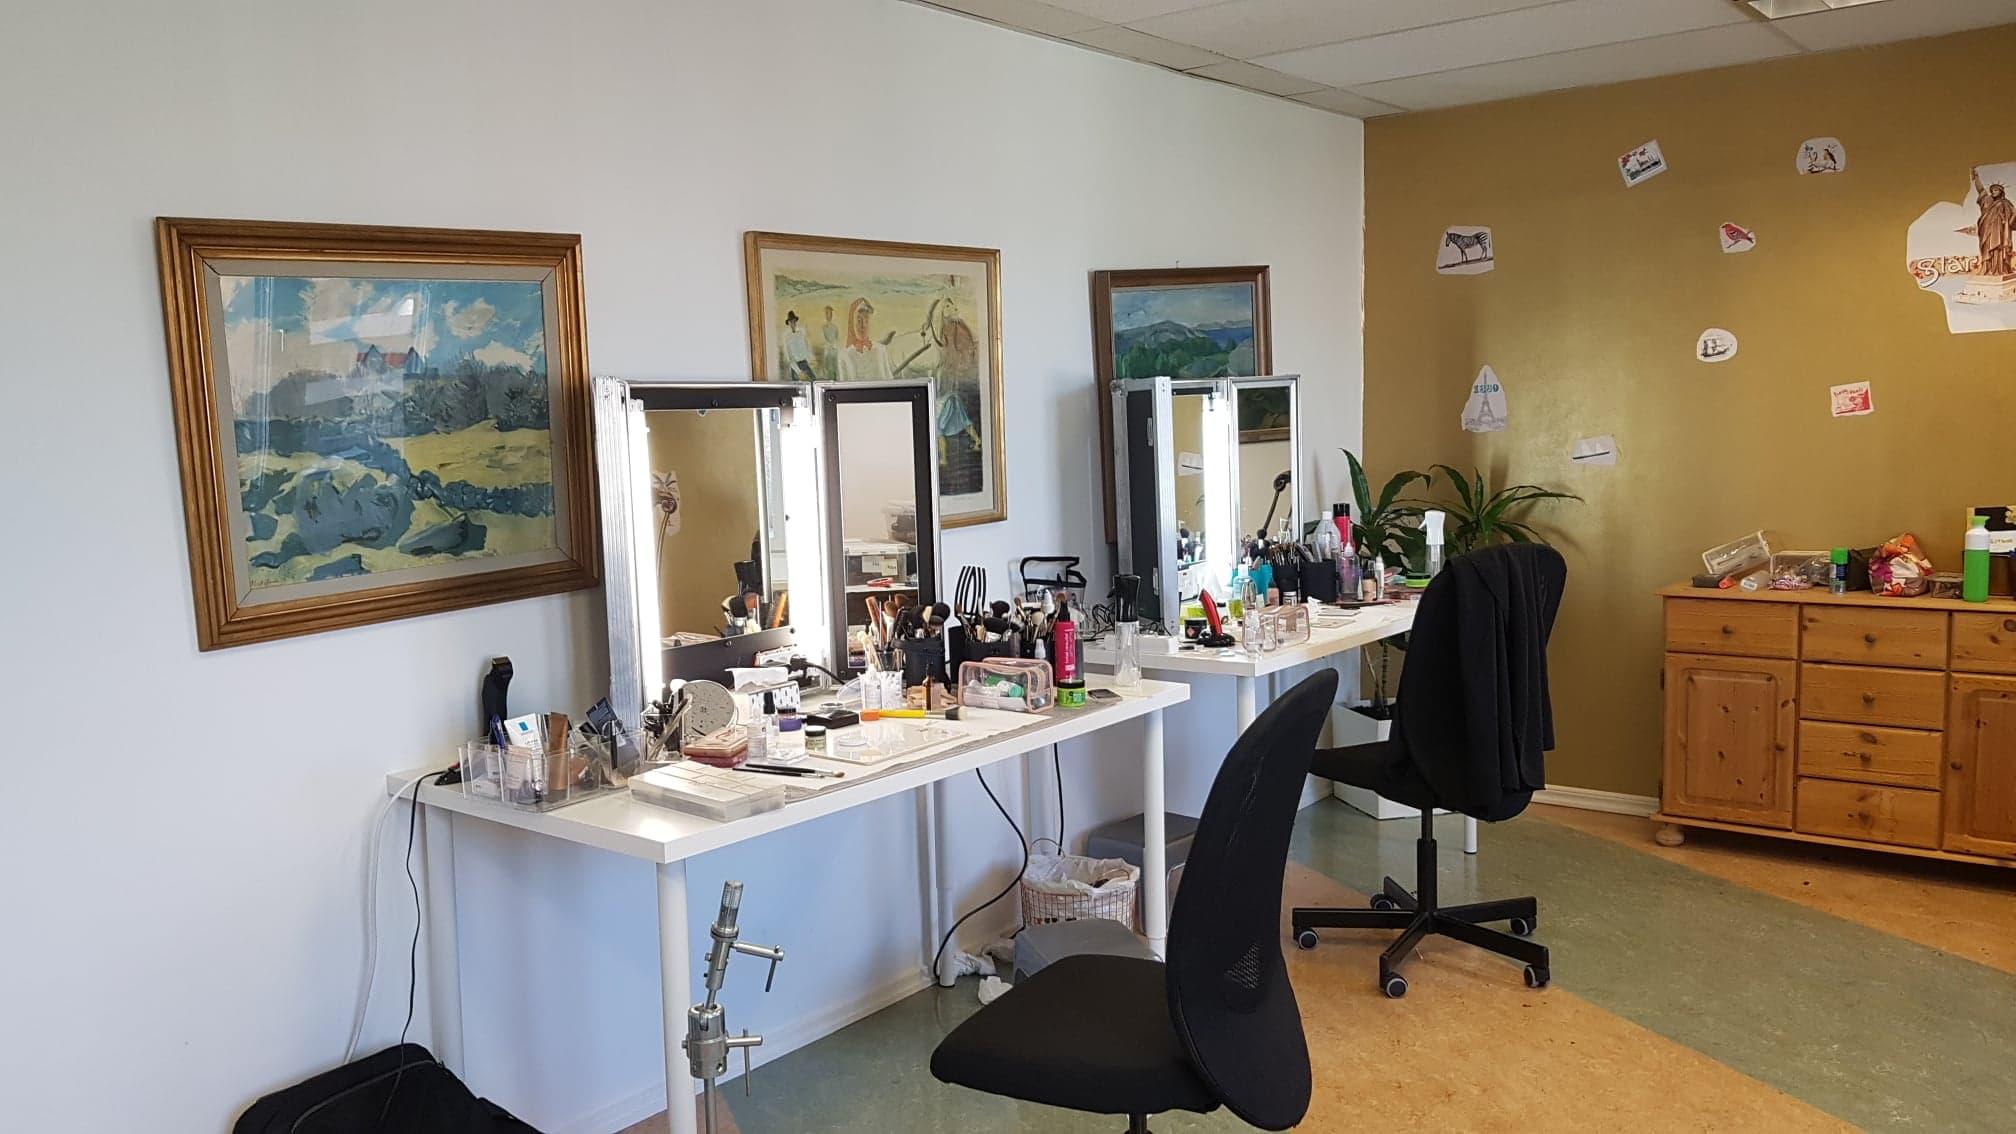 Bild på rum omgjort till sminkrum under inspelning av Den norska storfilmen Den största förbrytelsen